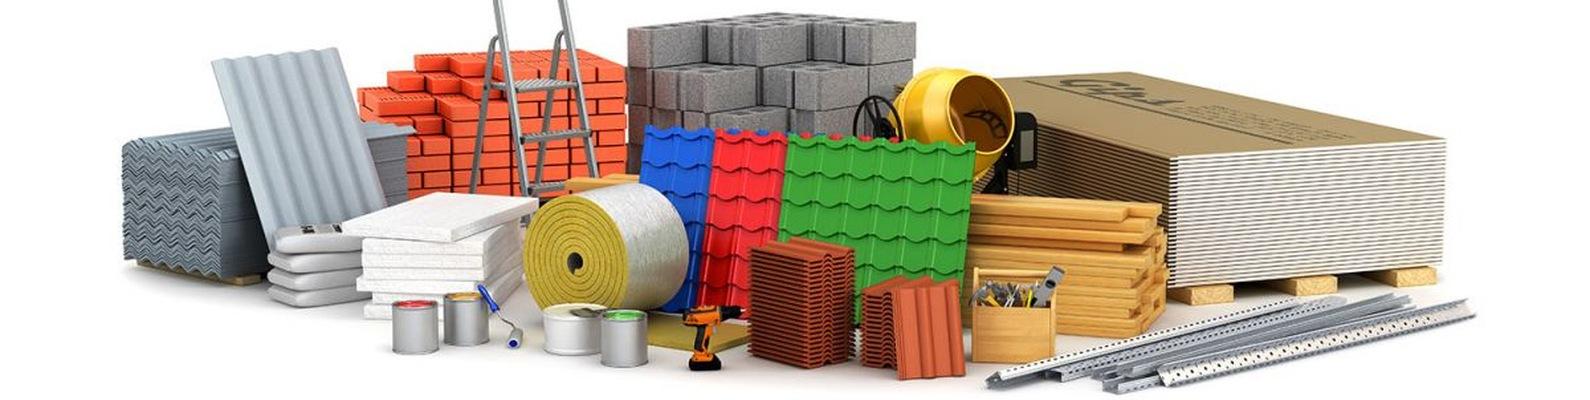 как правильно продавать строительные материалы